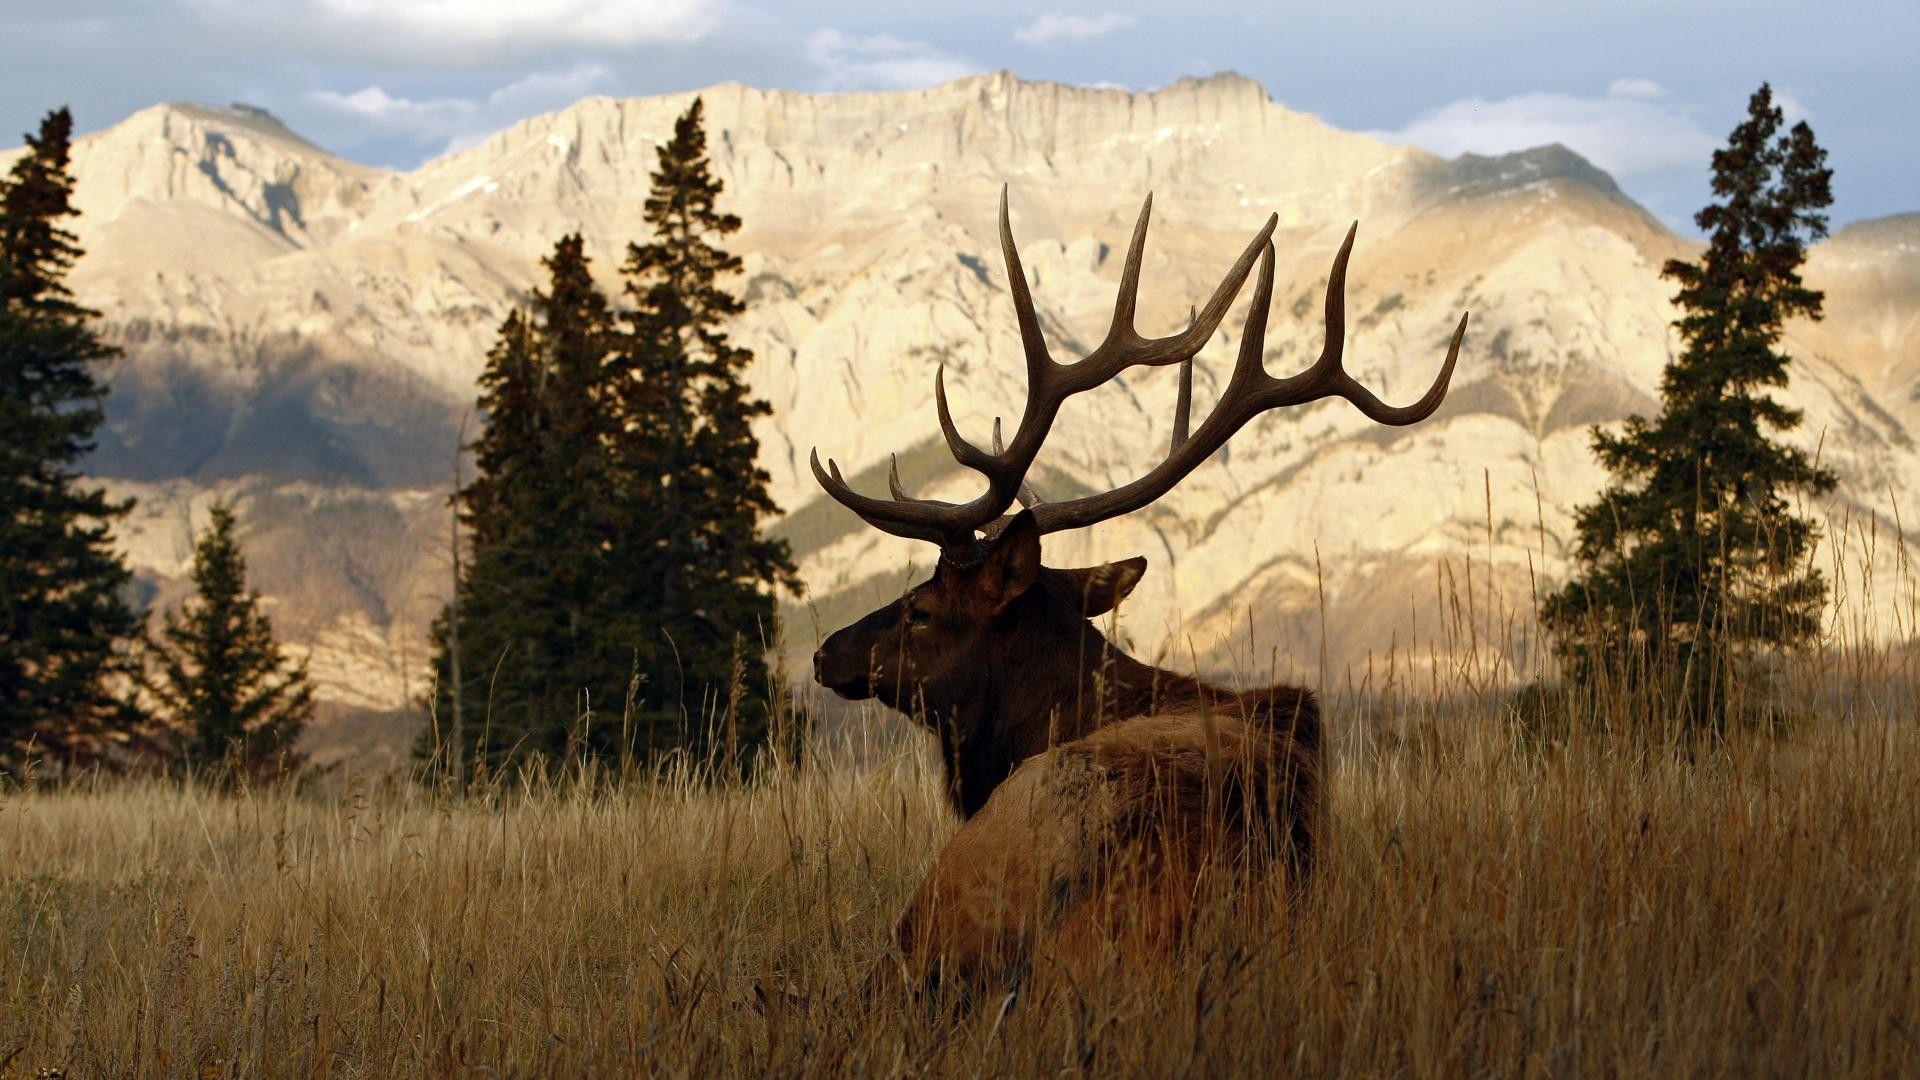 Elk Wallpapers - Top Free Elk